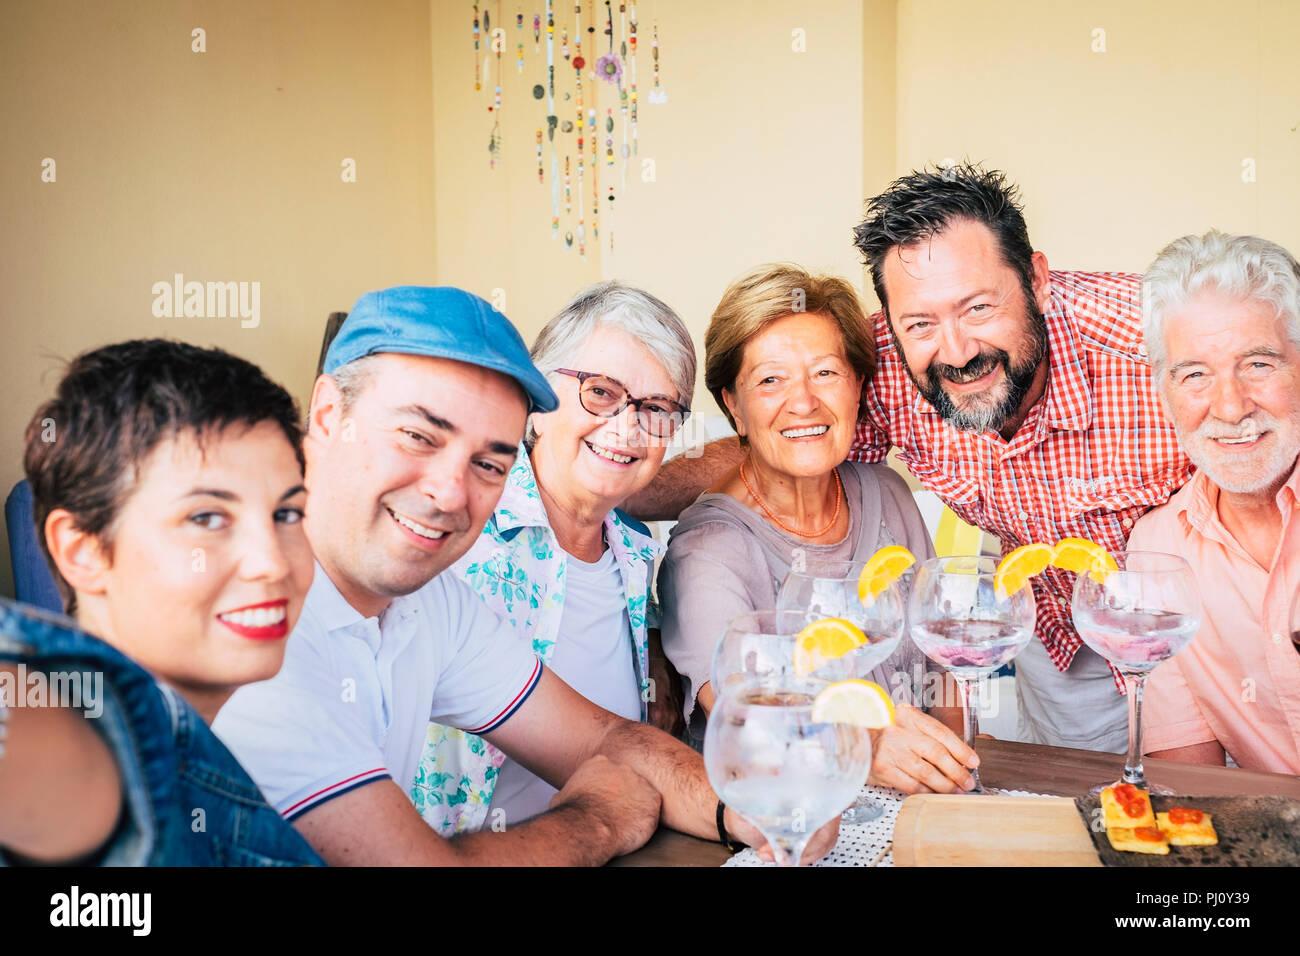 Selfie portrait mit Telefon. mixex Gruppe von fröhlichen Menschen Alter genossen alle feiern gemeinsam am Tisch mit Cocktails und Speisen. smile peo Stockbild